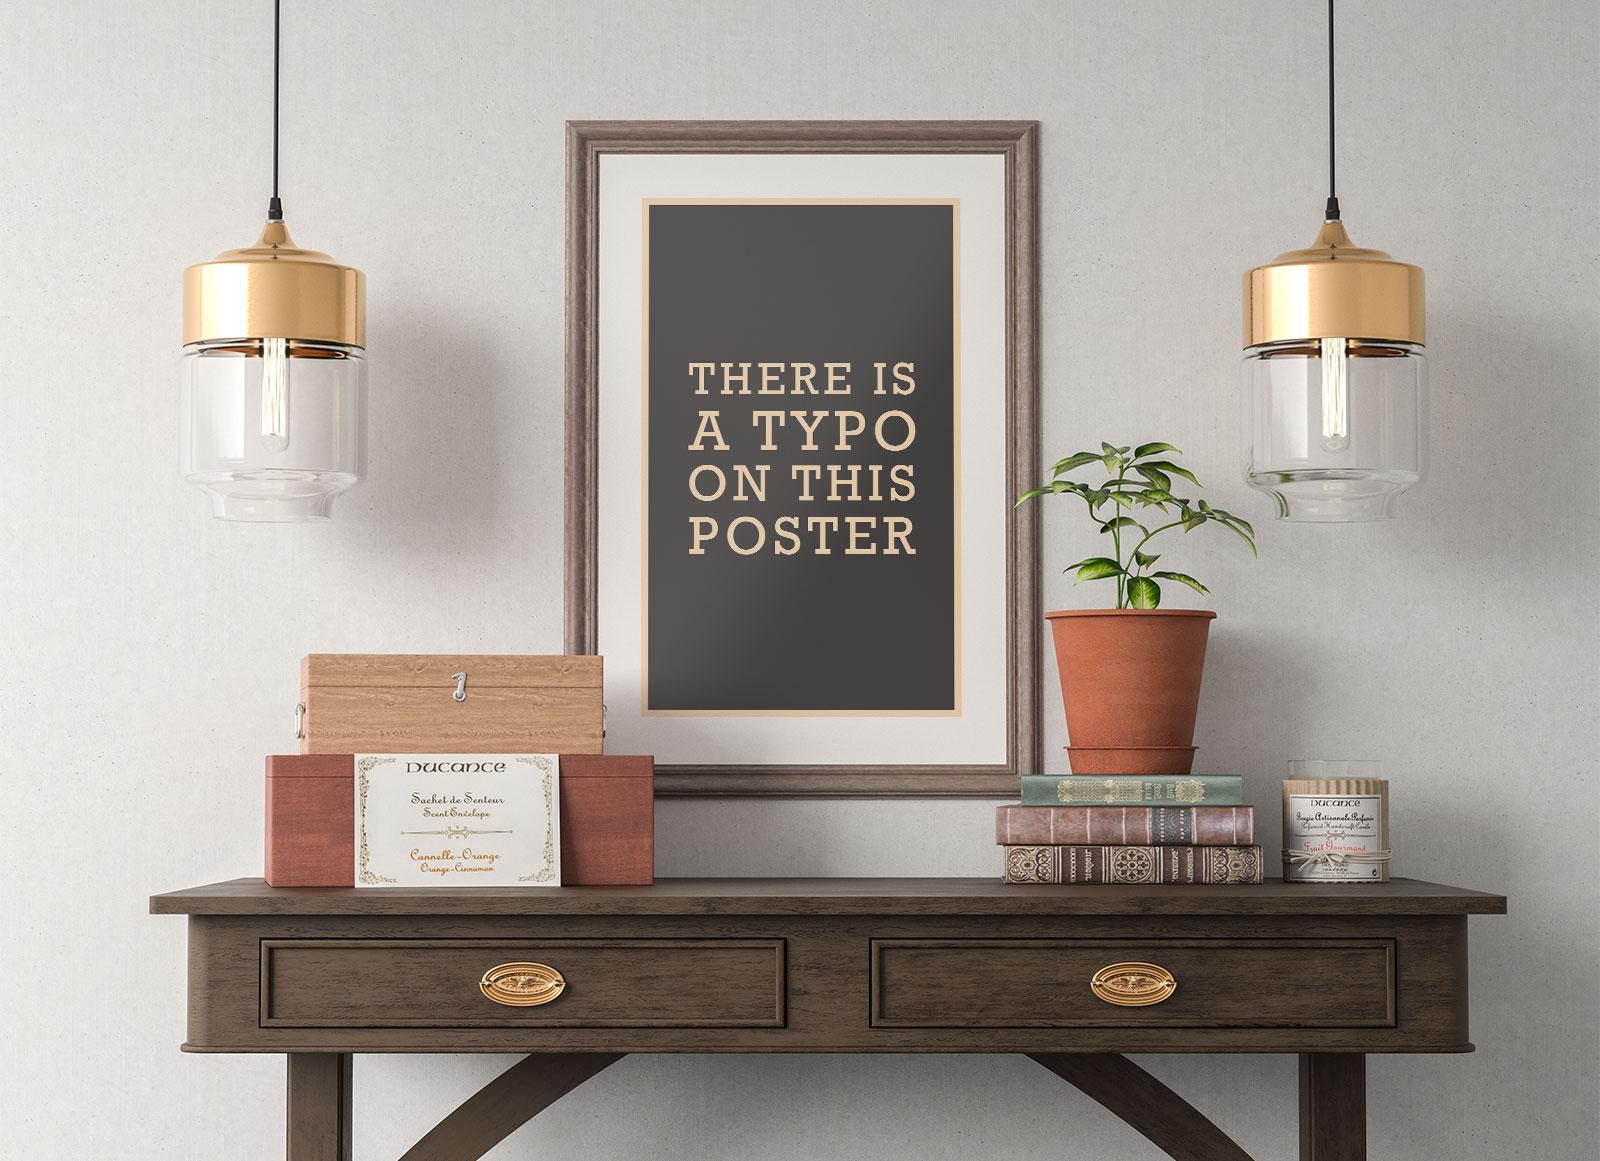 Free-Vintage-Poster-Photo-Frame-Mockup-PSD